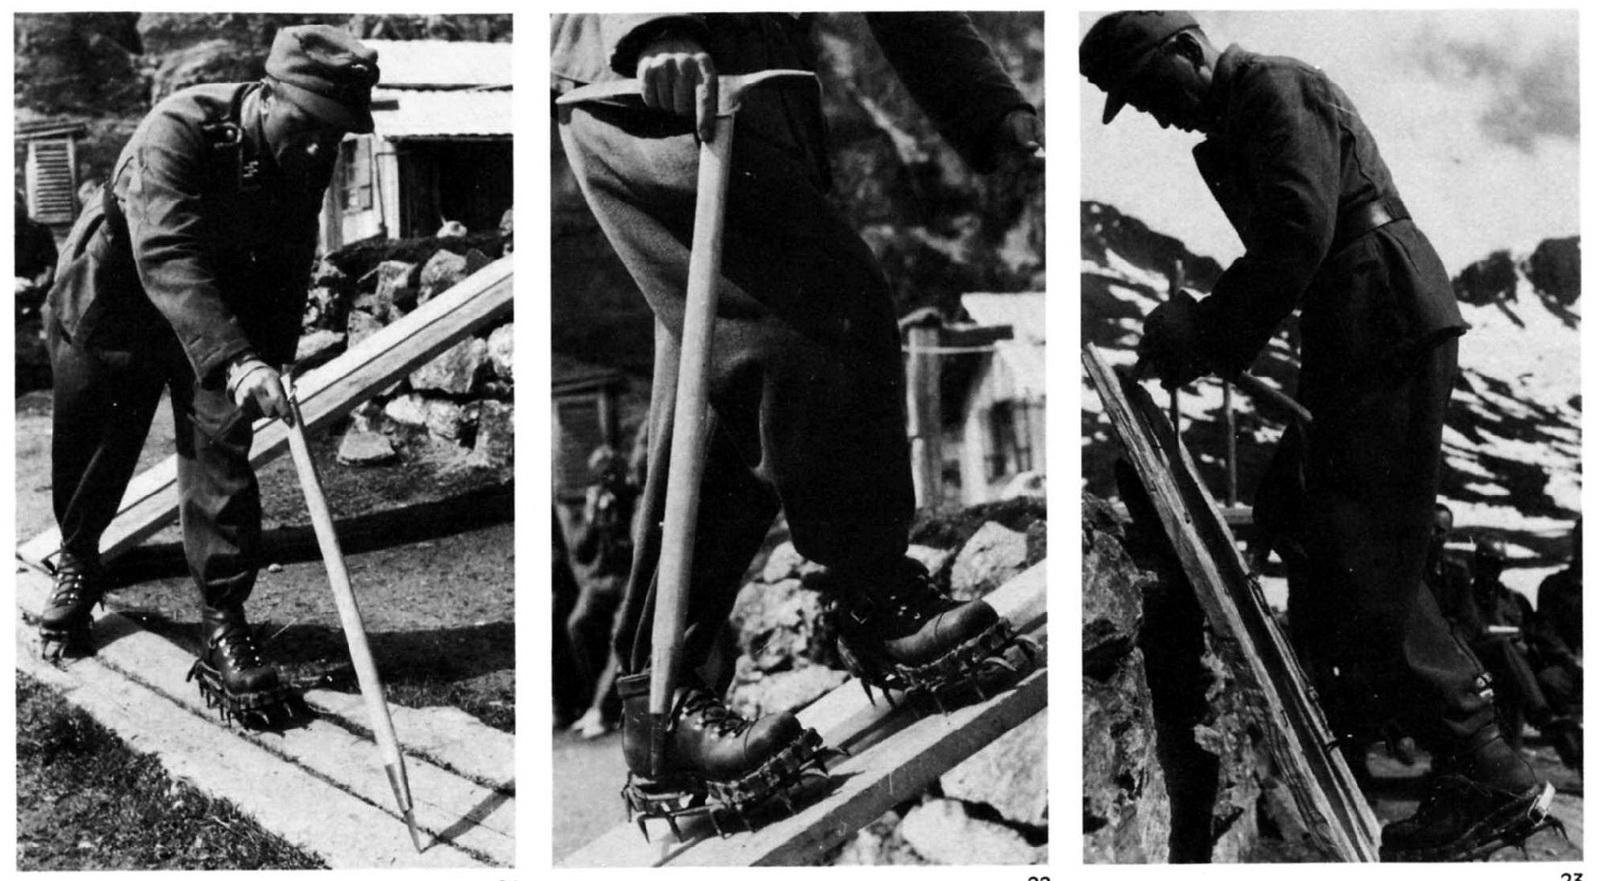 Men Of Wehrmacht: Waffen-SS Mounteineering Training